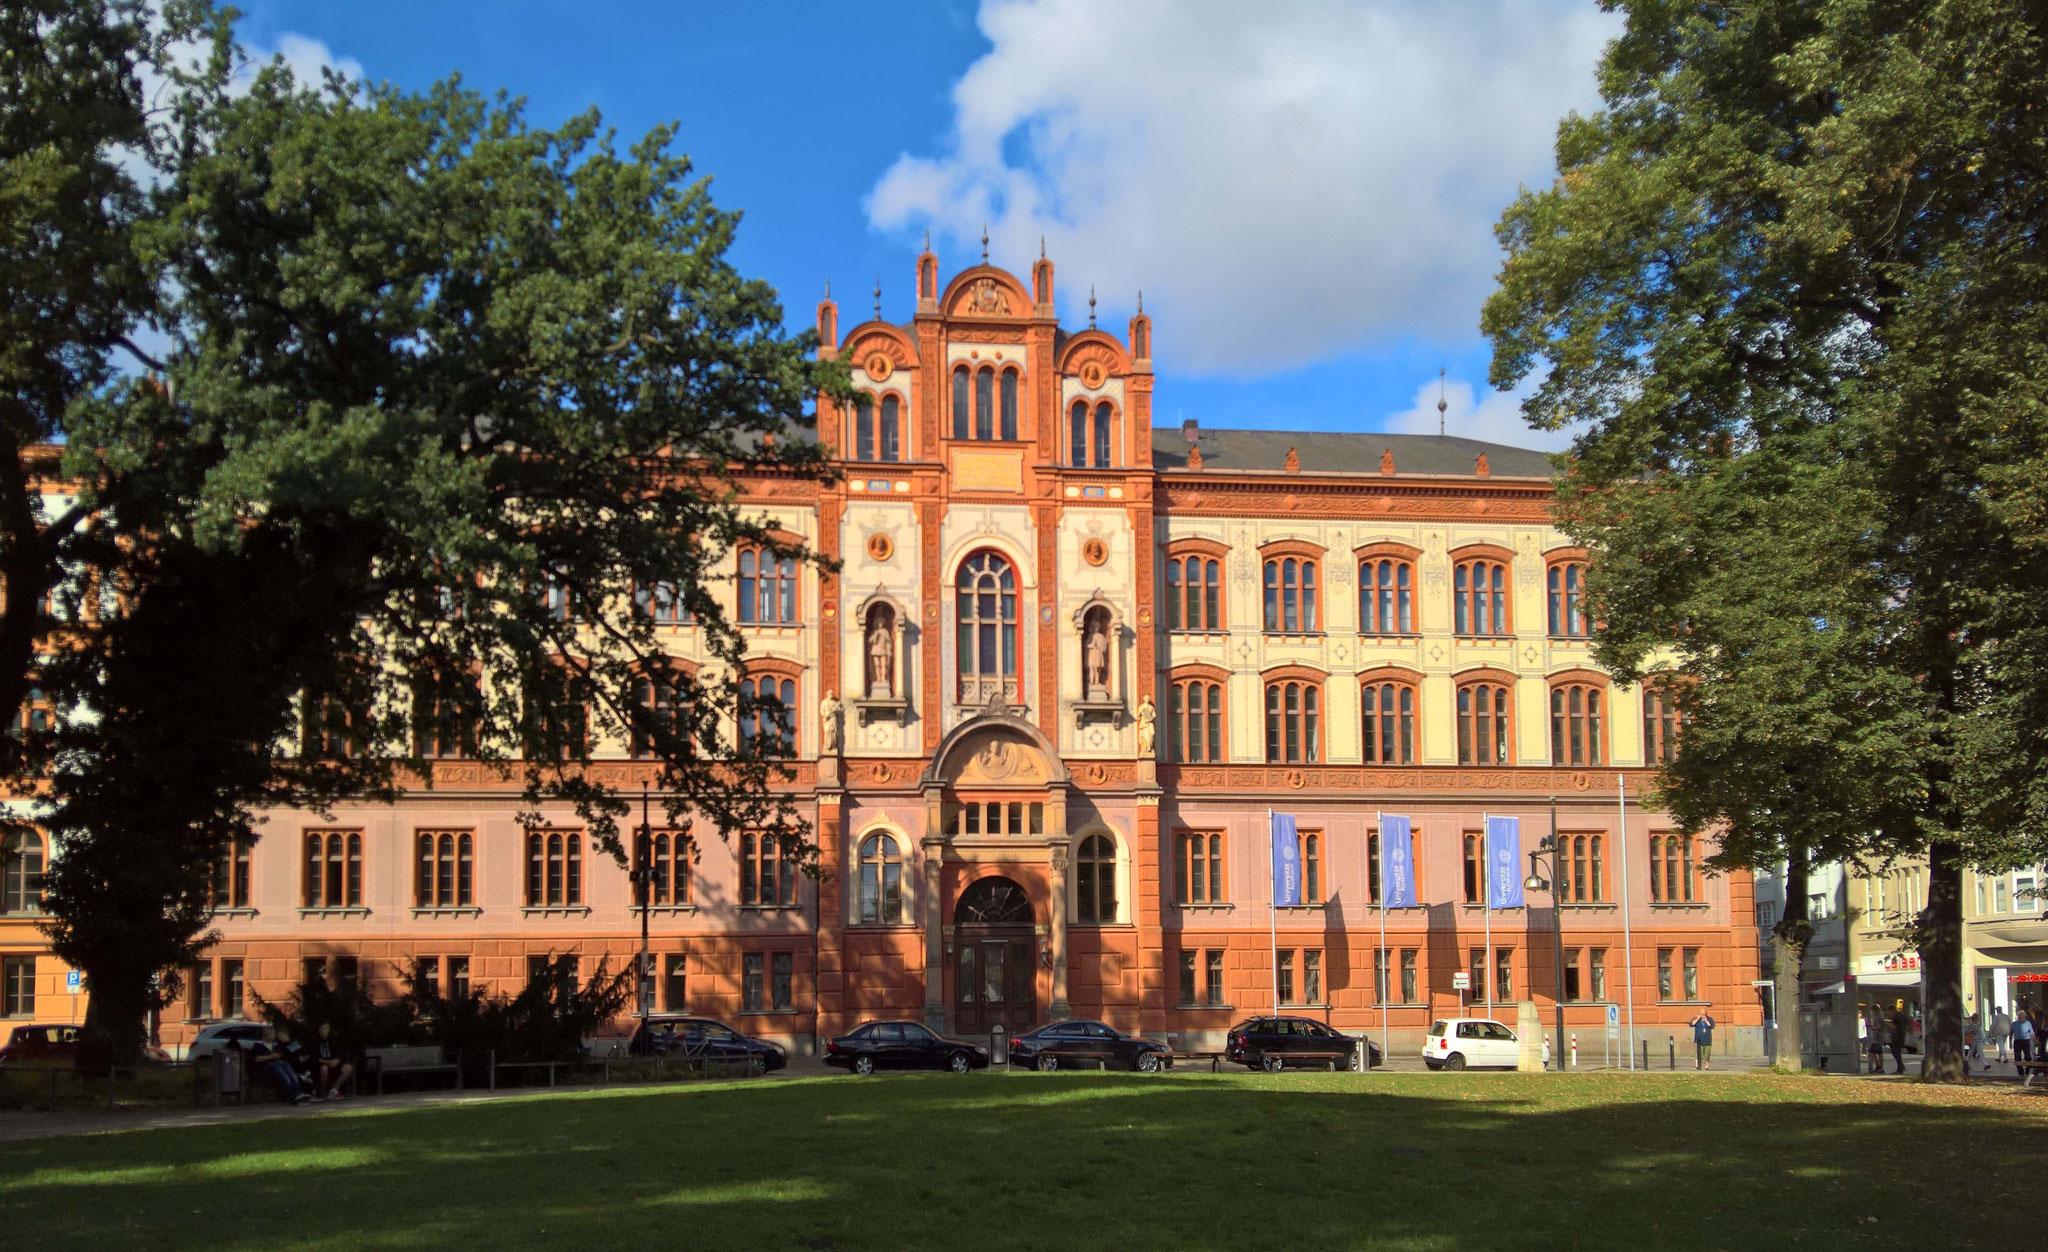 Das Hauptgebäude der Rostocker Universität.